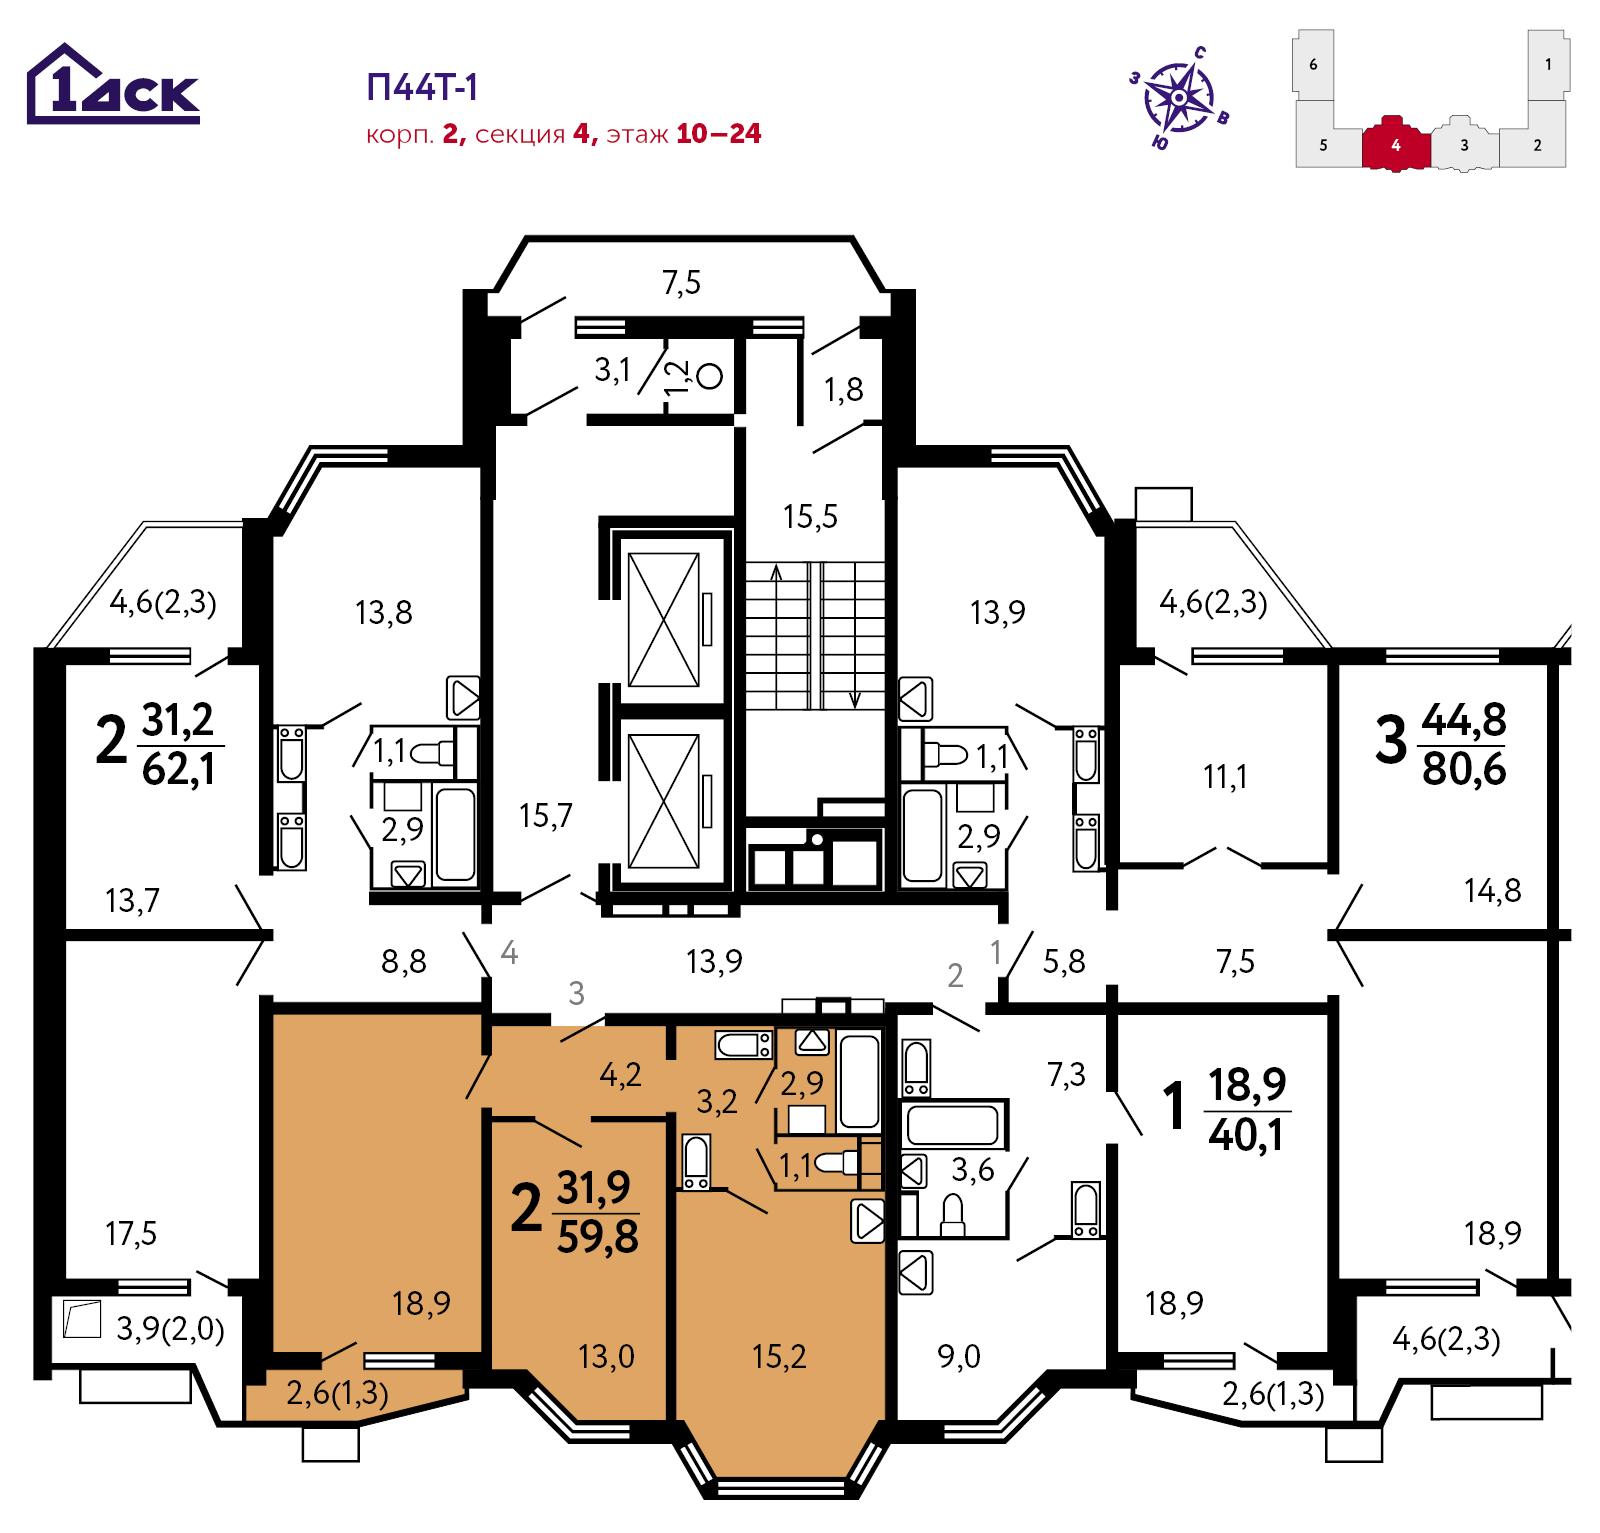 2-комнатная квартира, 59.8м² за 8,6 млн руб.